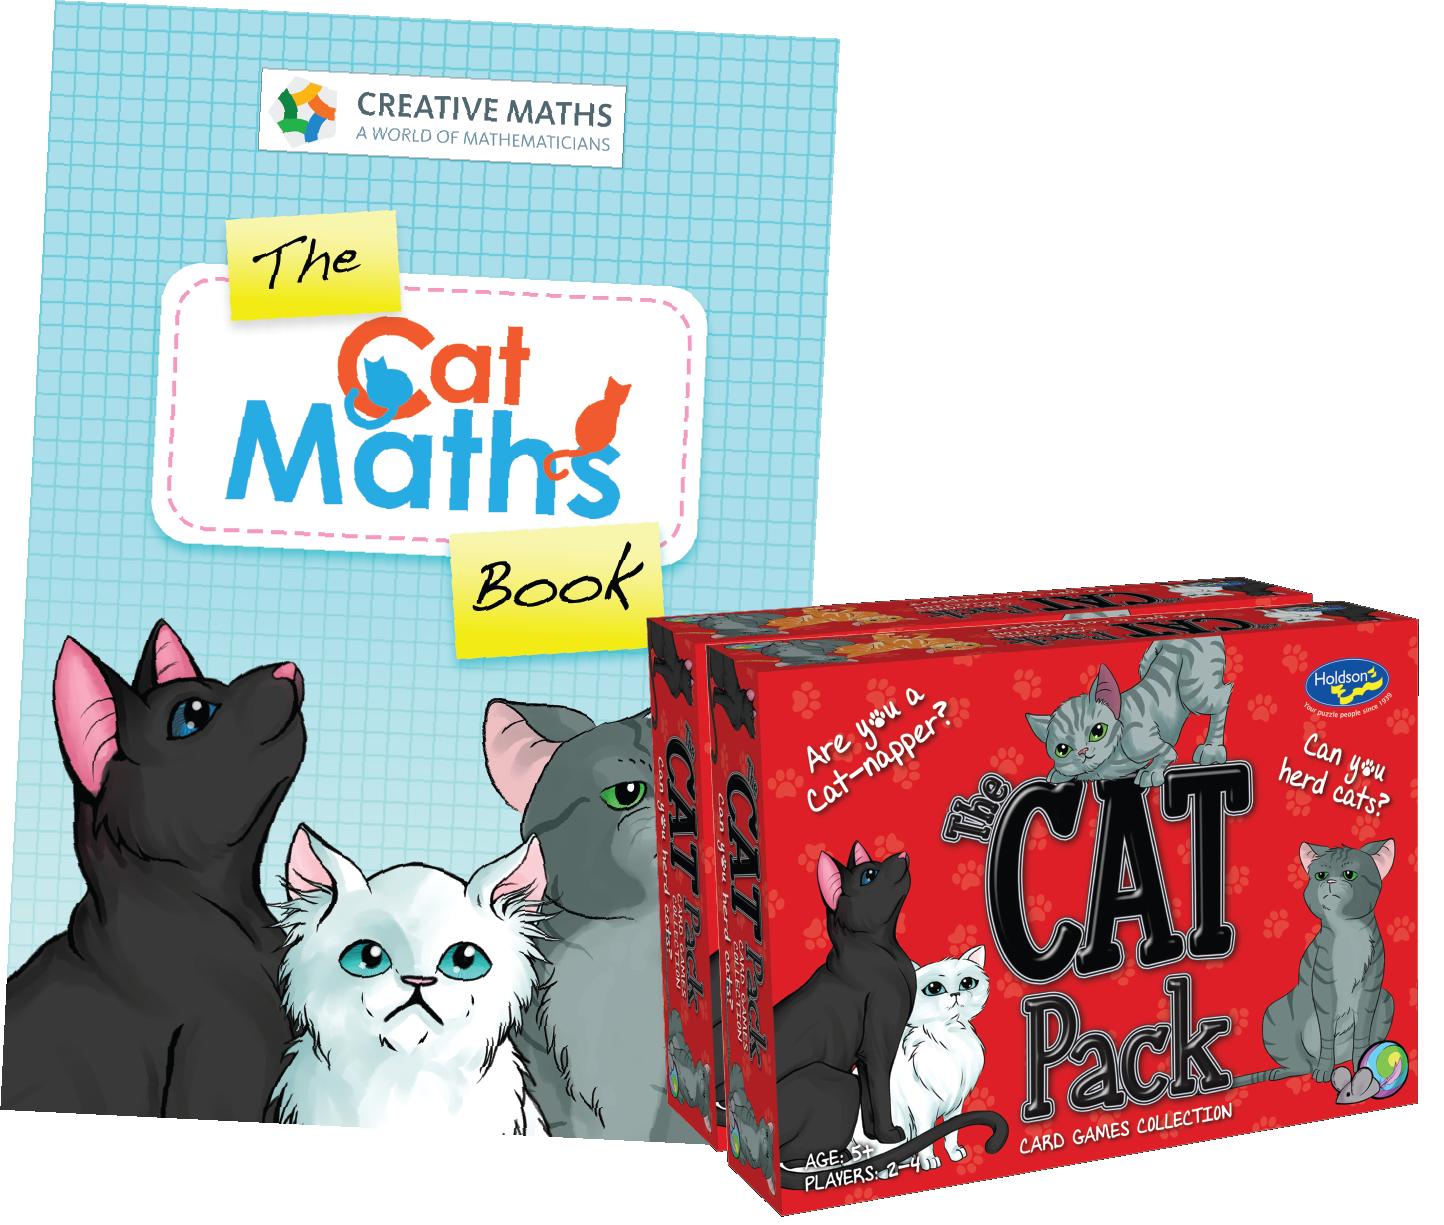 CatMaths